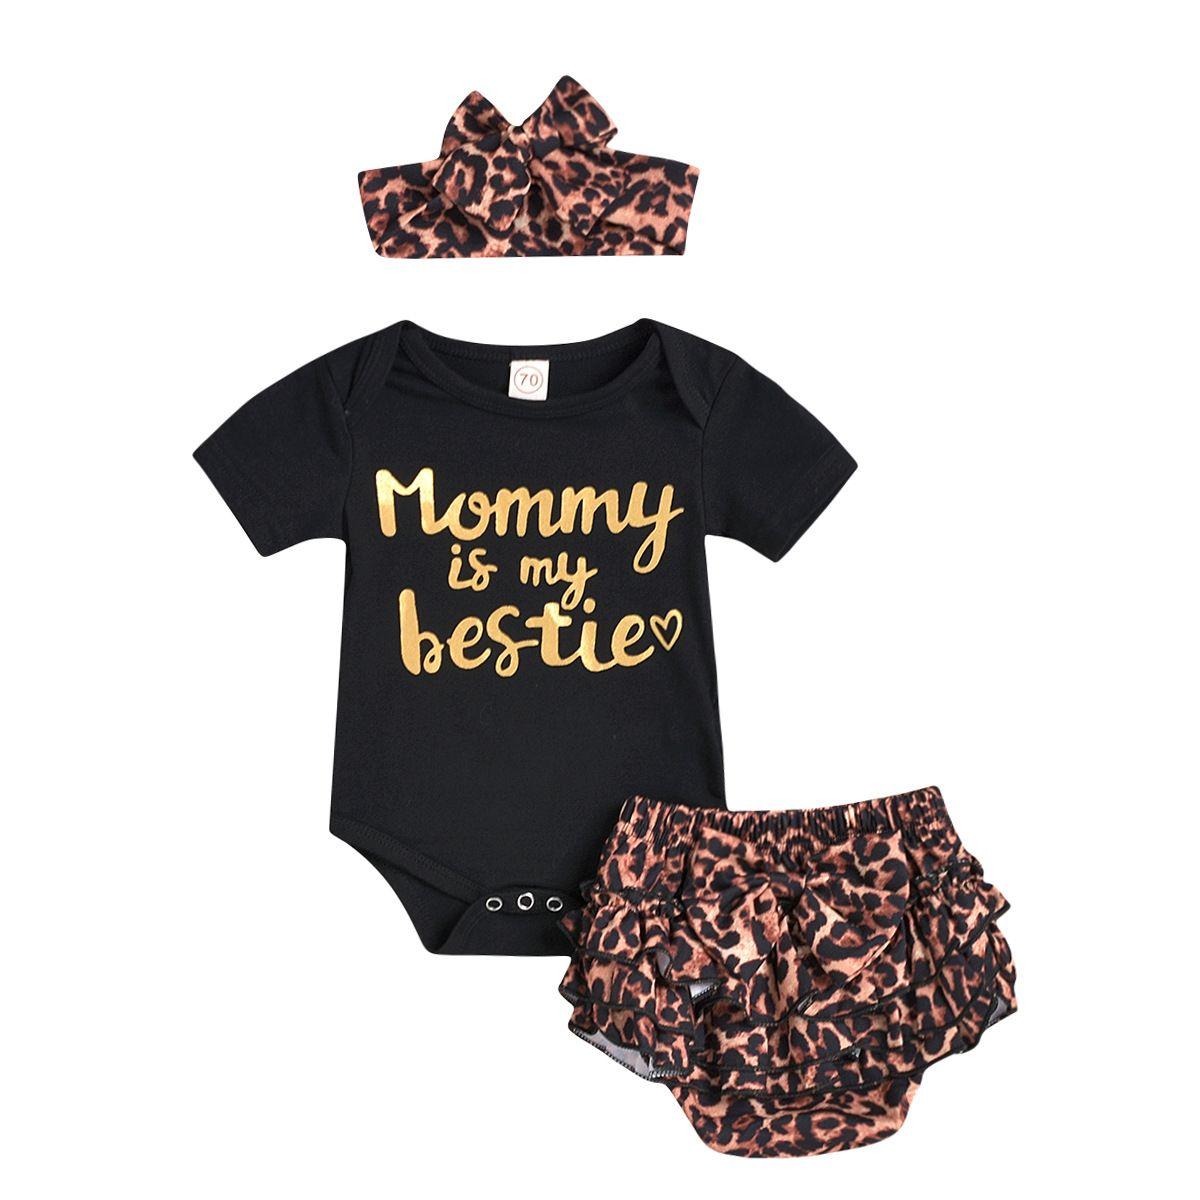 طفل للأطفال حديثي الولادة فتاة فتاة طفل مصمم ملابس الاطفال فاخر مصمم الصيف فقط ولد الطفل الطفل اللباس اللباس فتاة